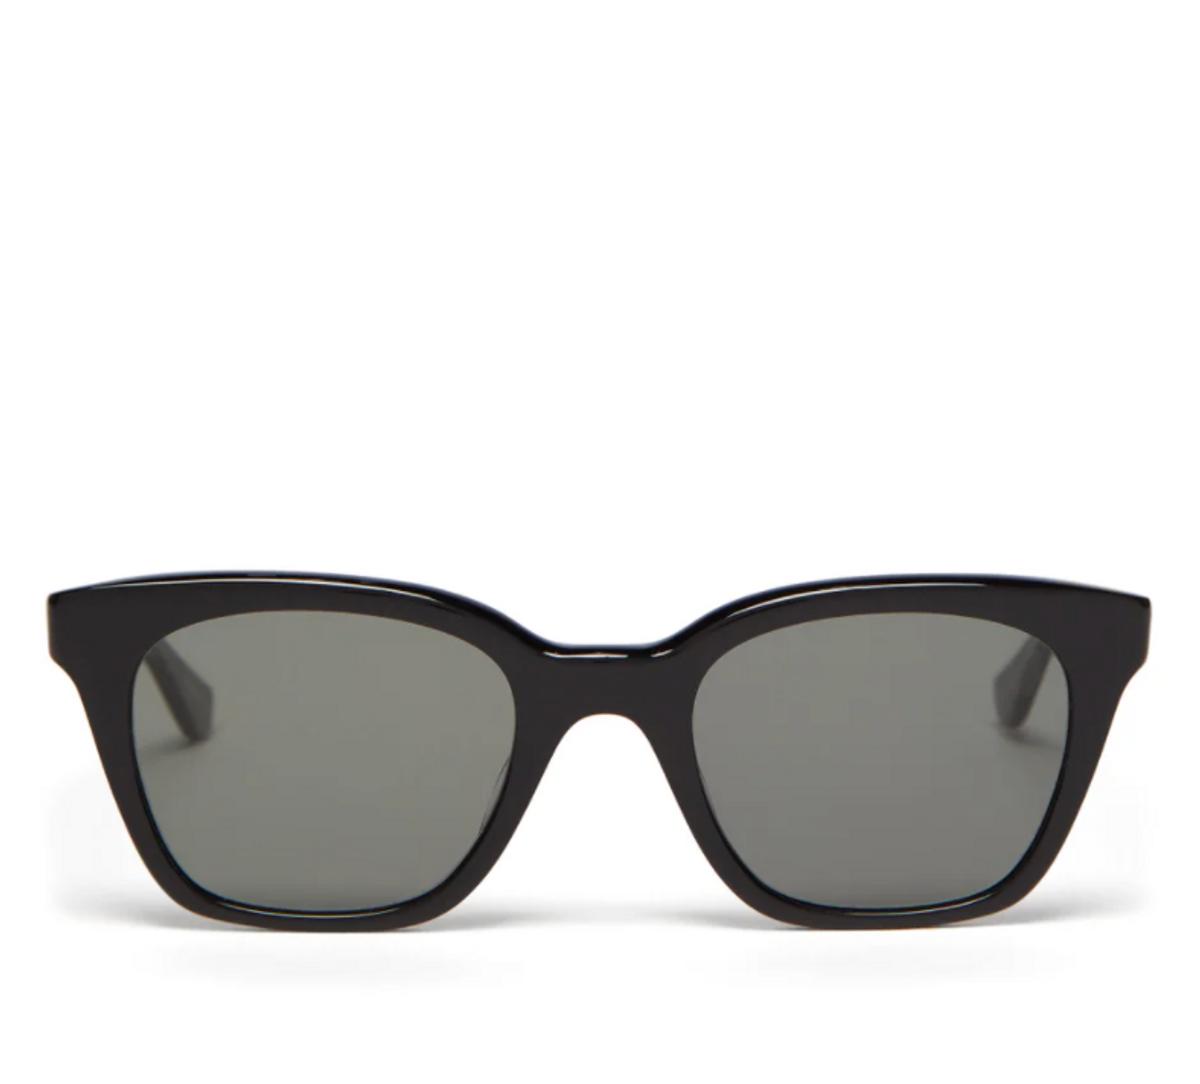 x Clare V Nouvelle Square Acetate Sunglasses